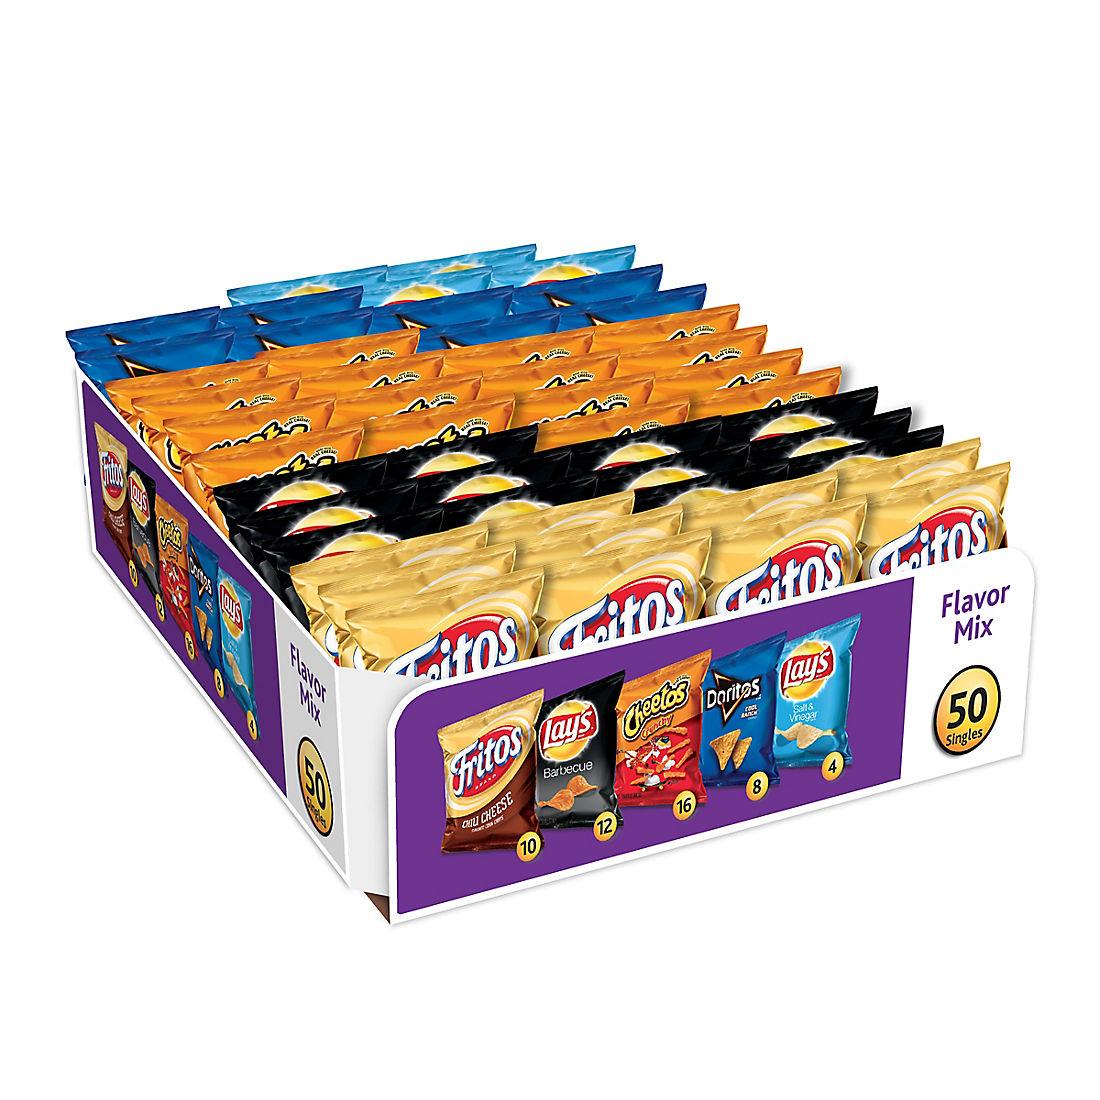 Frito Lay Flavor Mix Variety Pack, 50 pk /1 oz